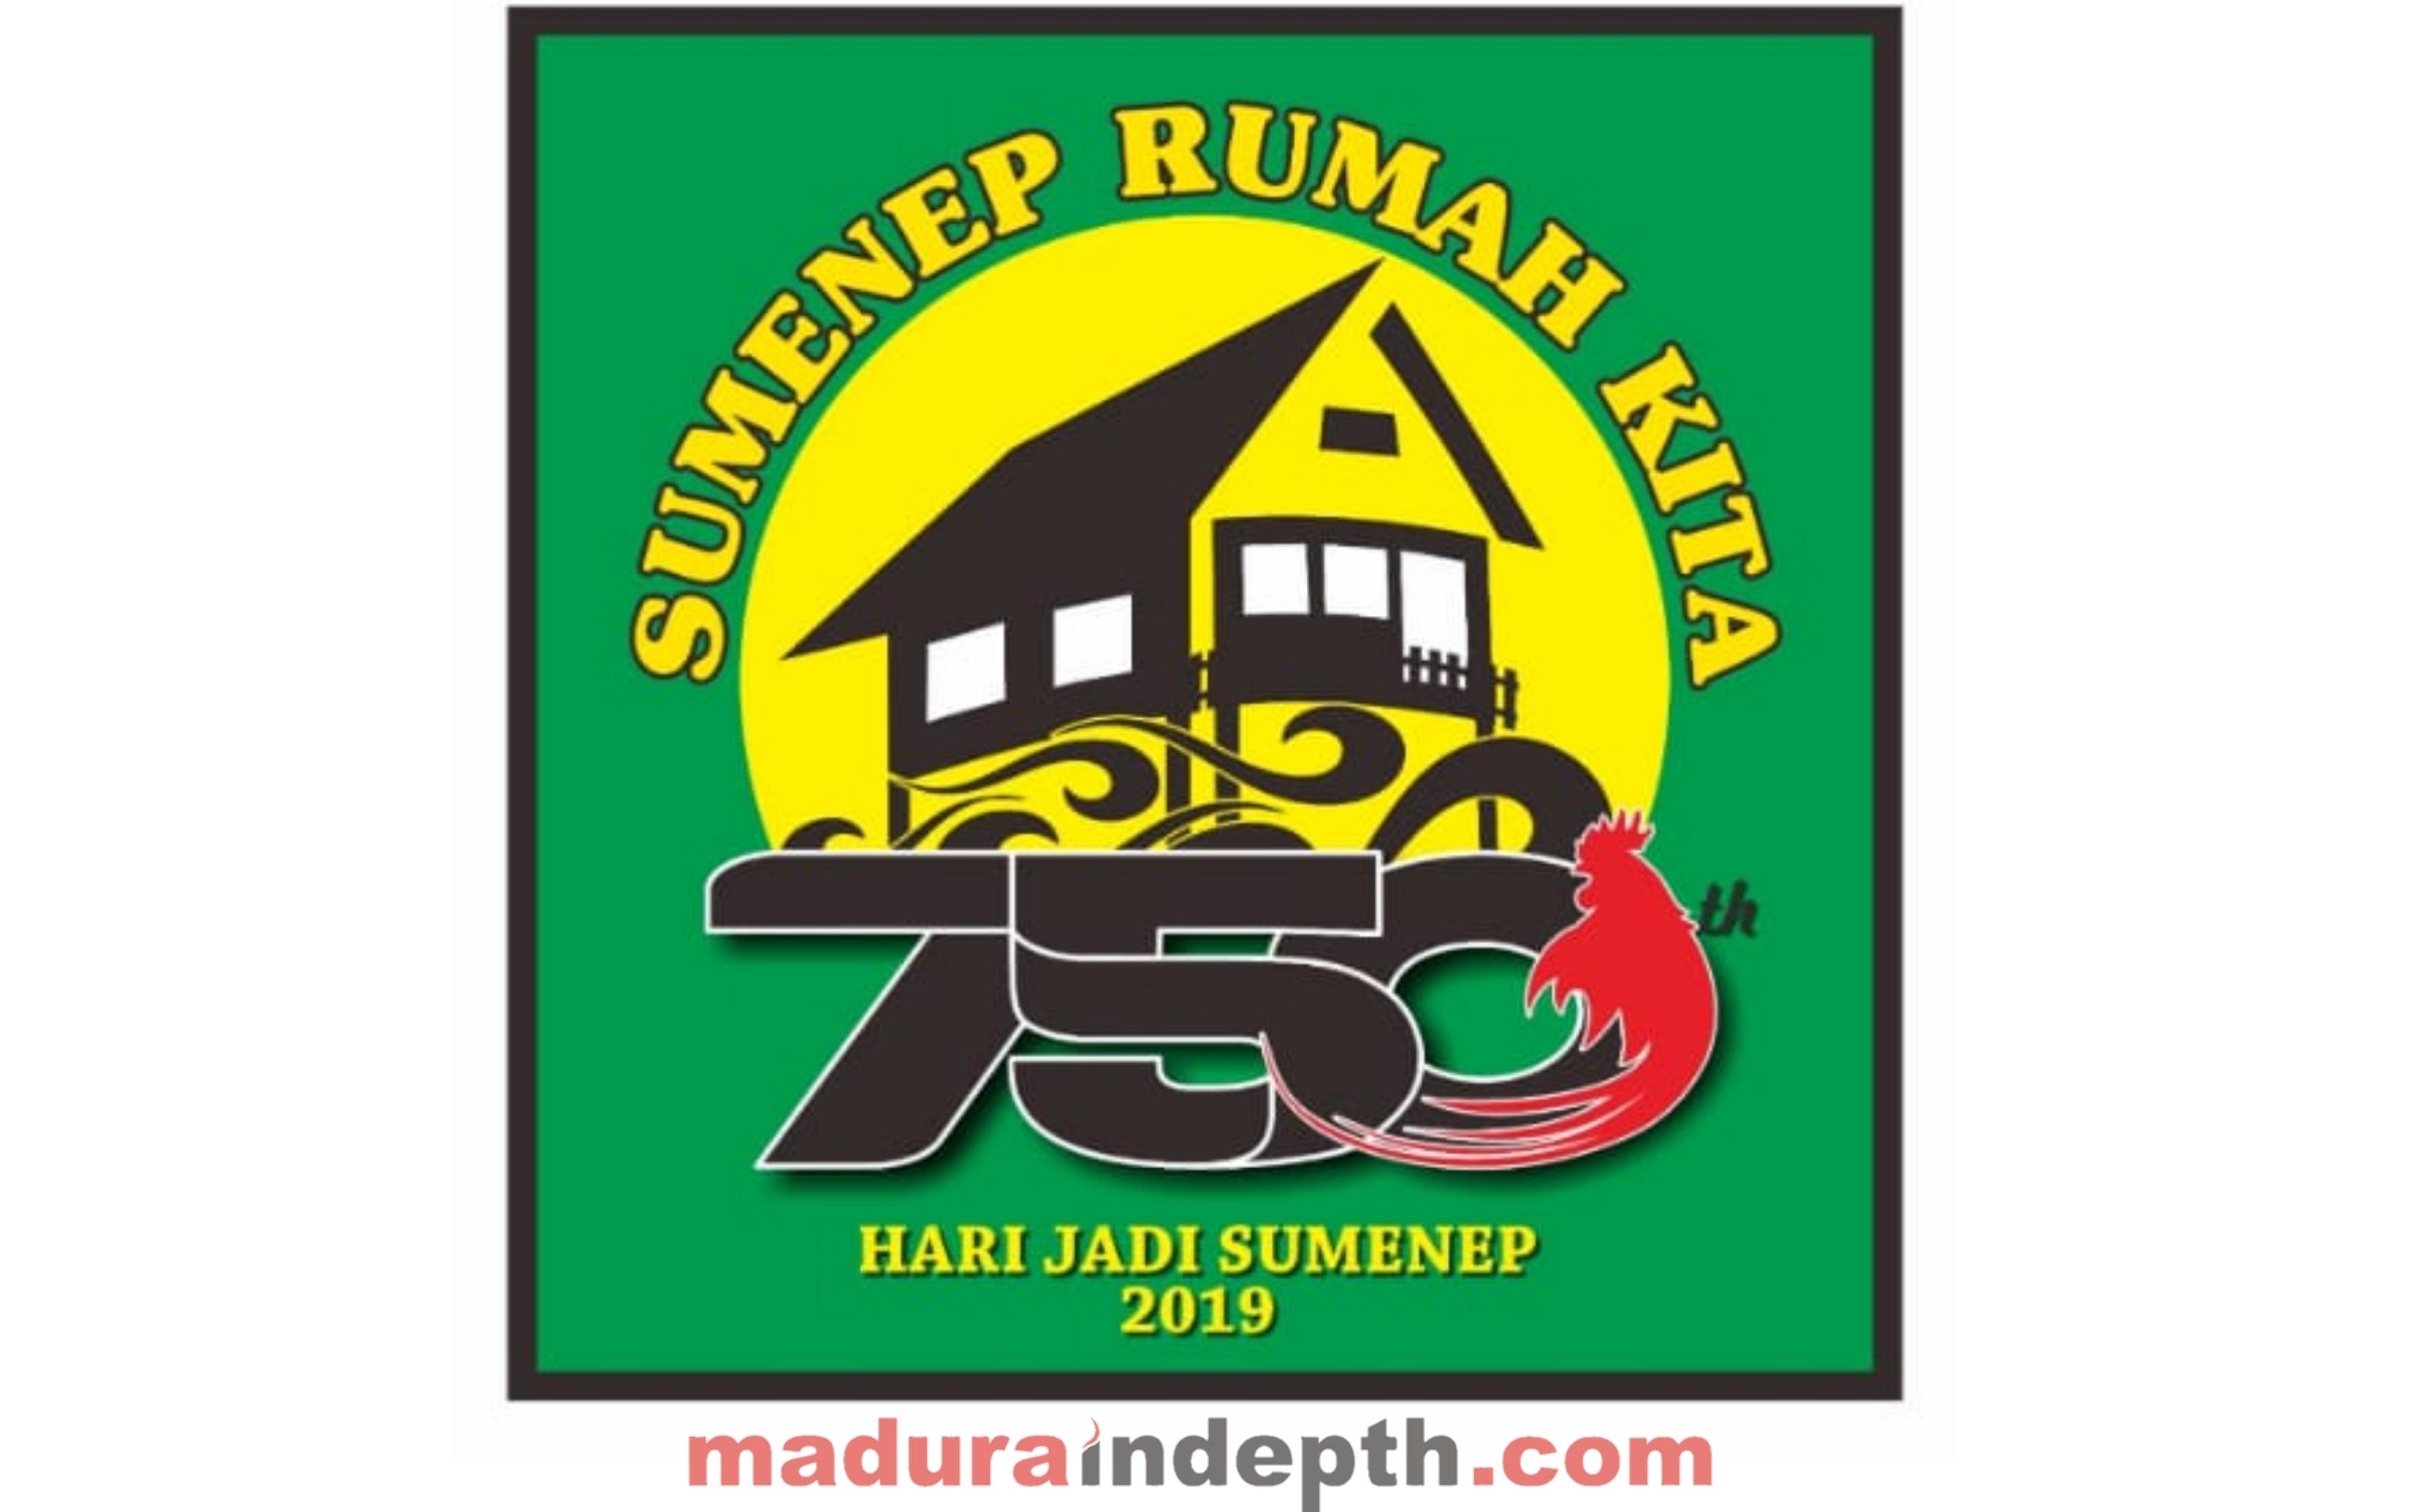 Begini Filosofi Logo Hari Jadi Kota Sumenep Ke 750 Maduraindepth